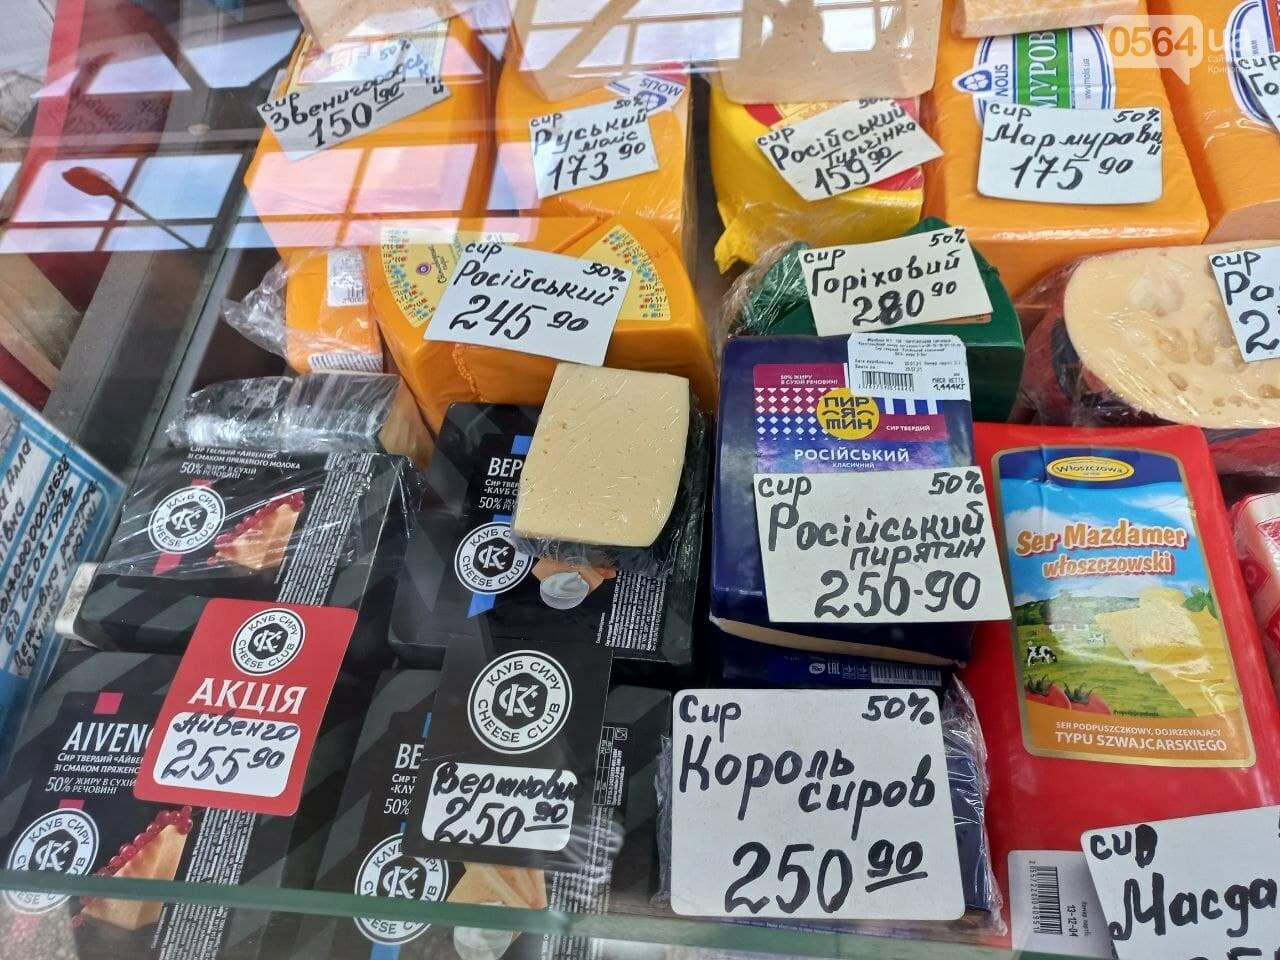 Пасхальная корзина 2021: сколько стоит традиционный праздничный набор продуктов в Кривом Роге, - ФОТО, фото-6